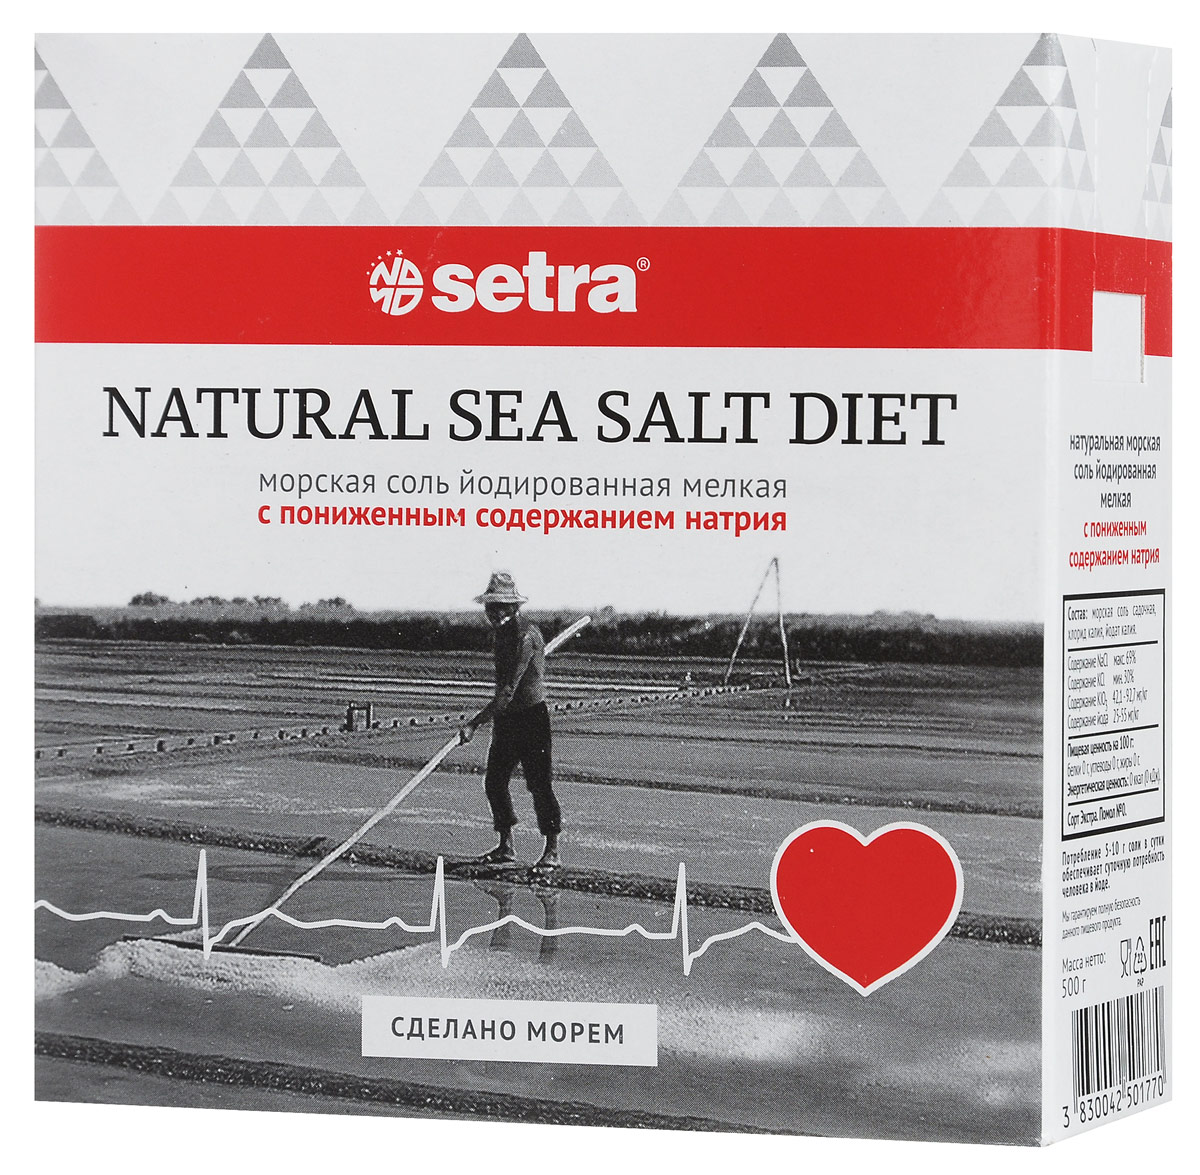 Setra соль морская мелкая йодированная с пониженным содержанием натрия, 500 г соль setra морская мелкая йодированная 500 г